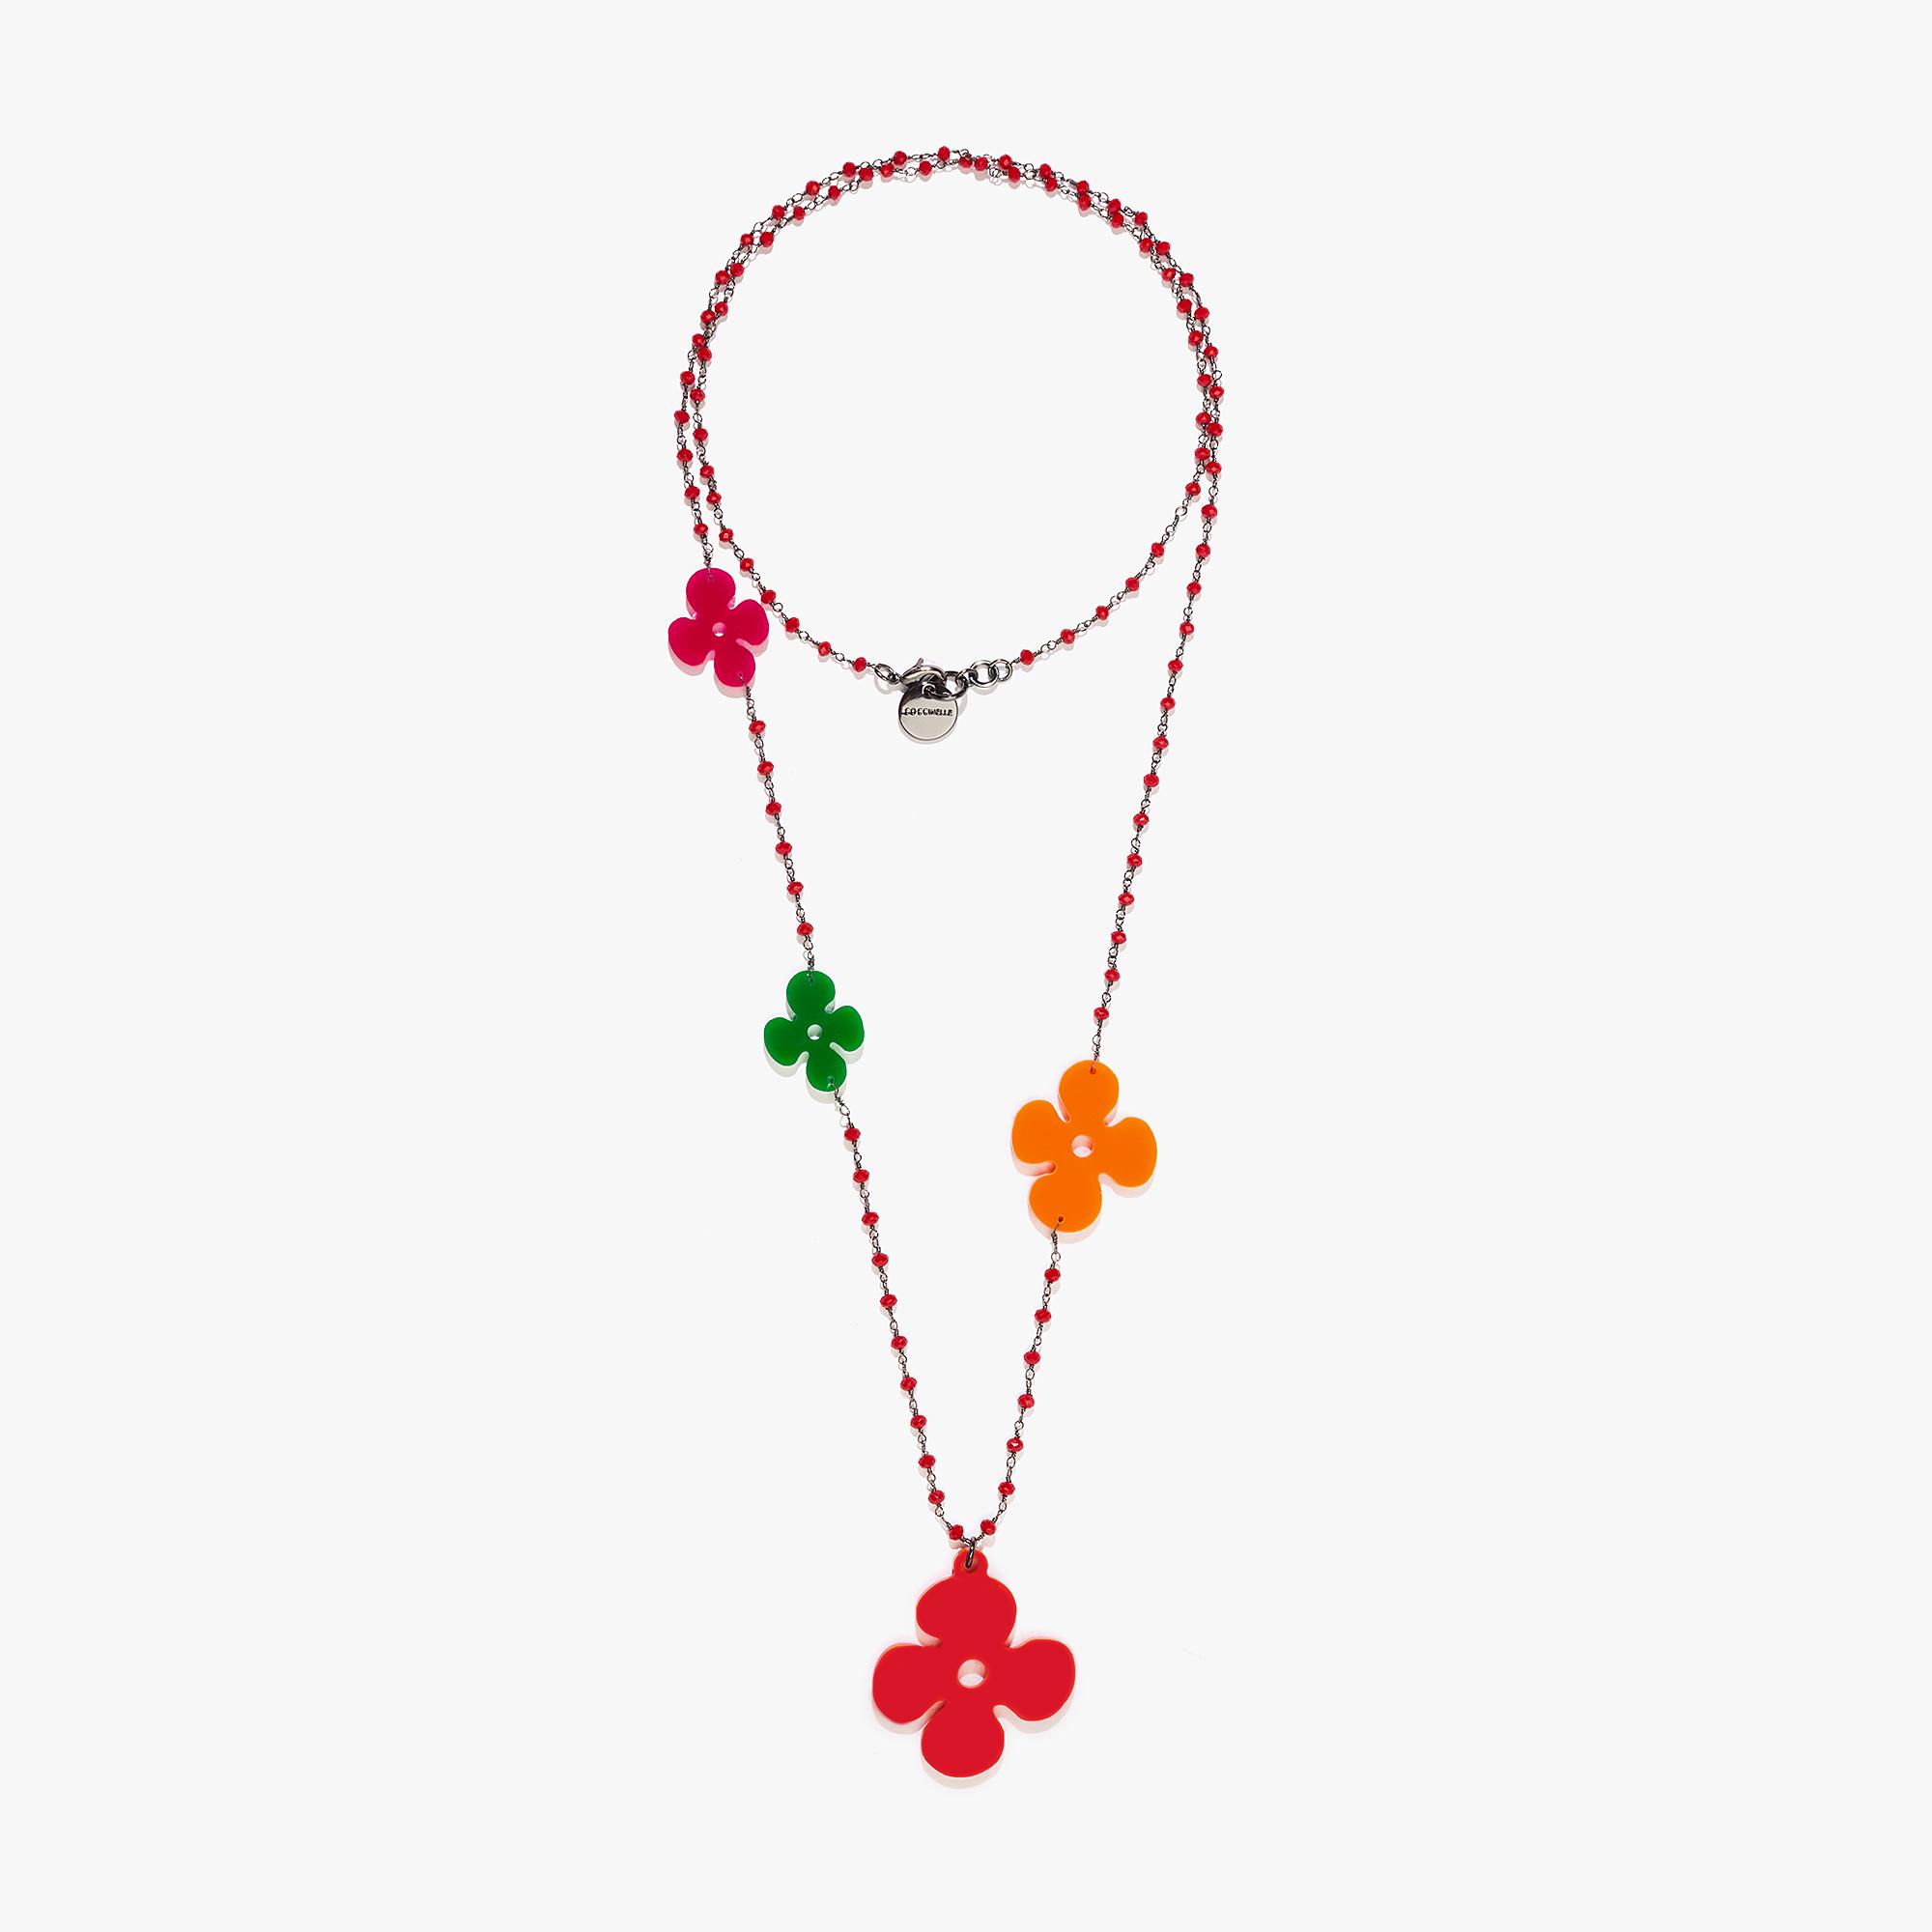 Plexiglas and crystal necklace